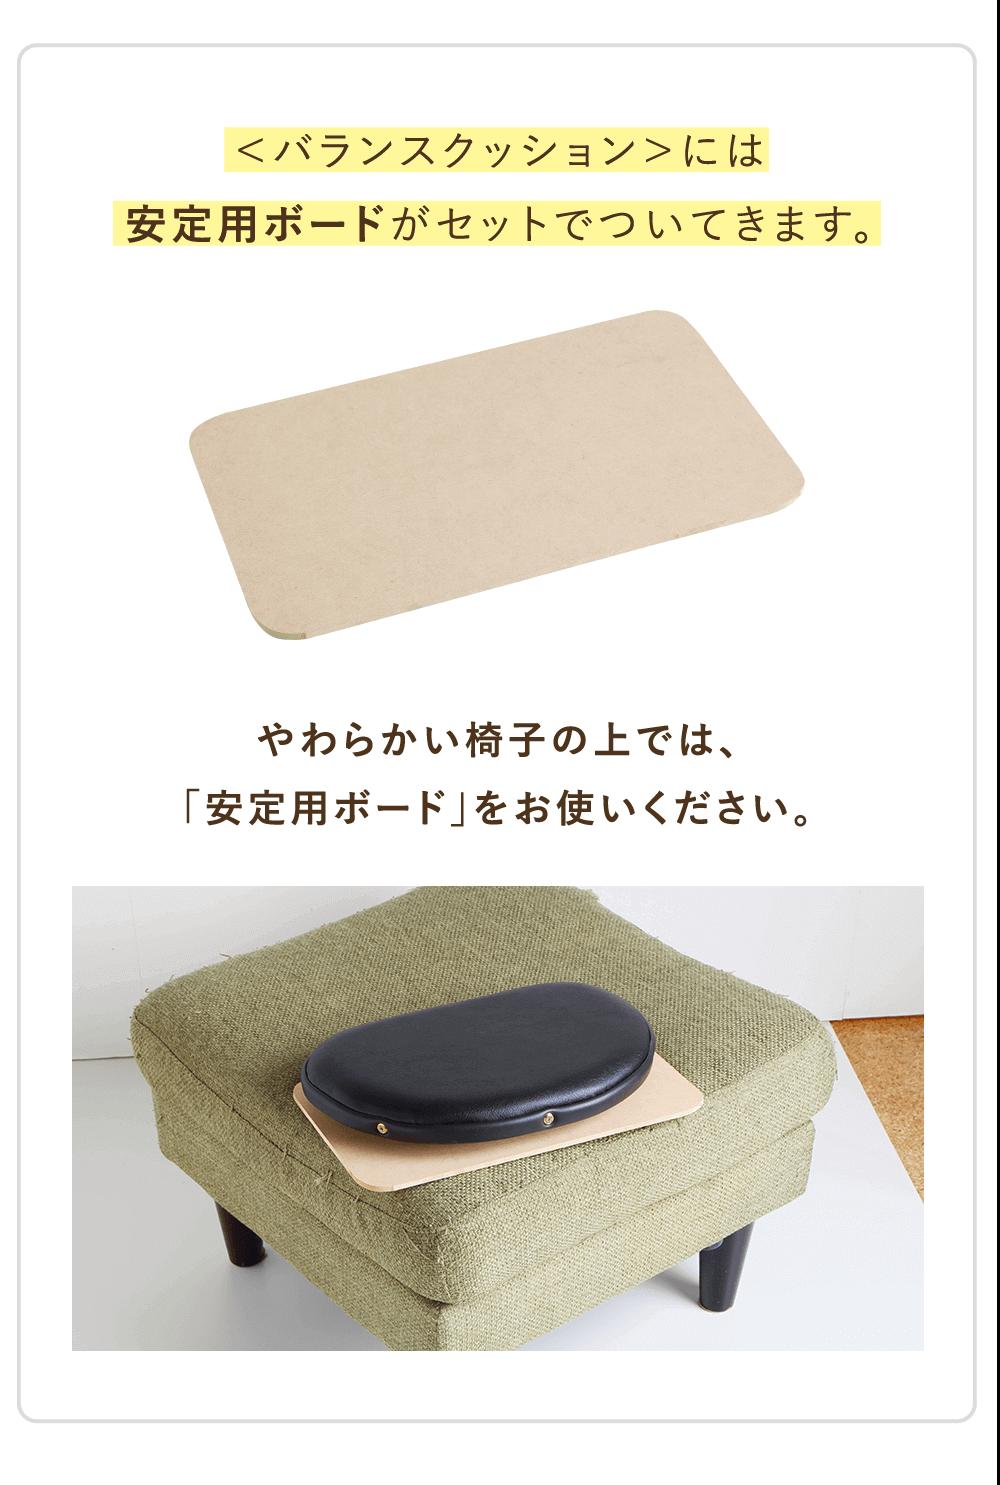 バランスクッションには安定用ボードがセットでついきます。やわらかい椅子の上では、安定用ボードをお使いください。